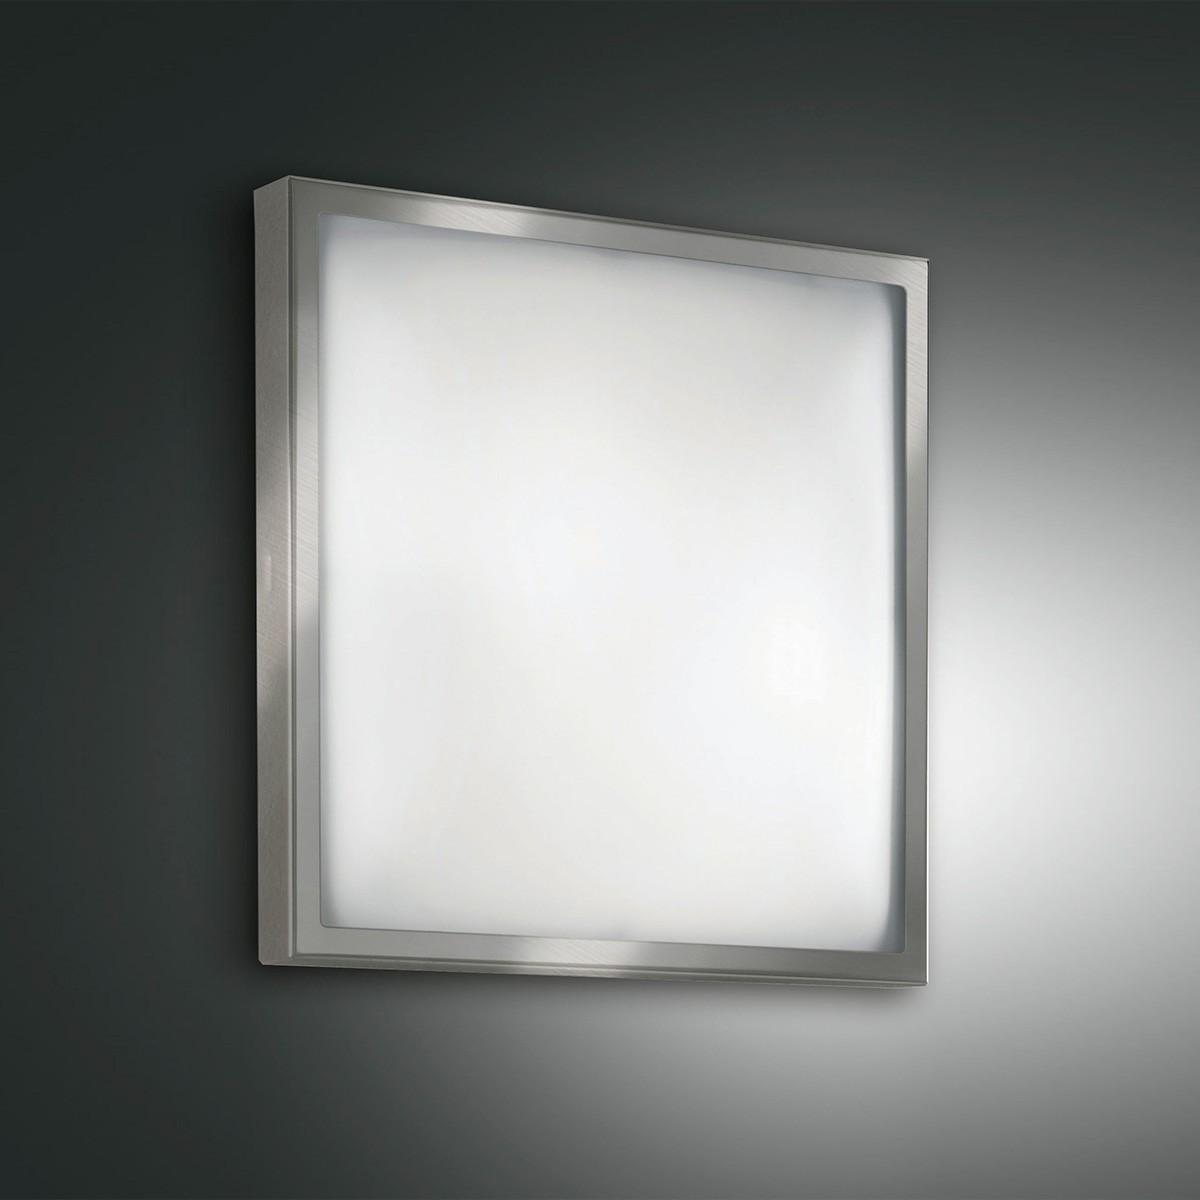 Fabas Luce Osaka LED Deckenleuchte, 30 x 30 cm, 3000 K, Nickel satiniert